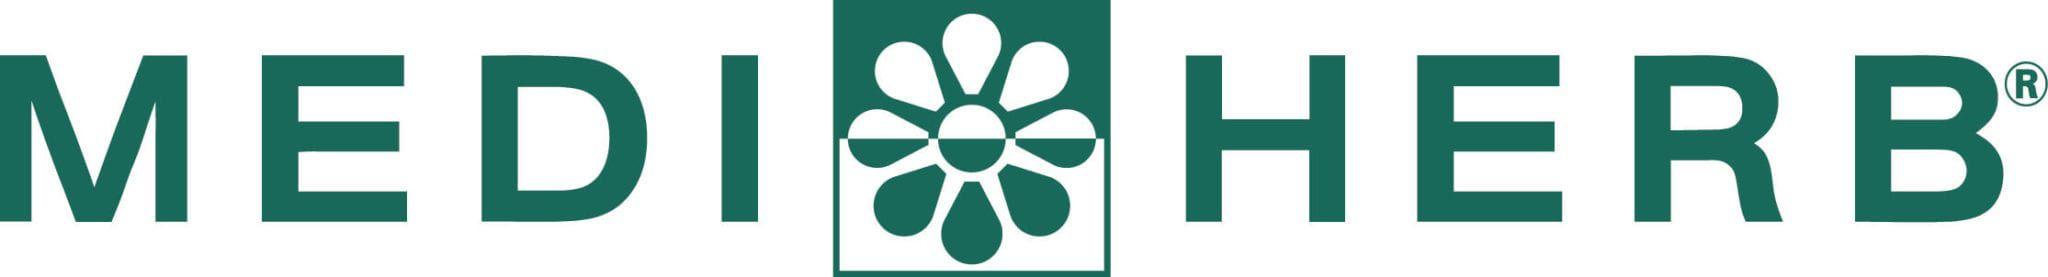 herb dispensary logo